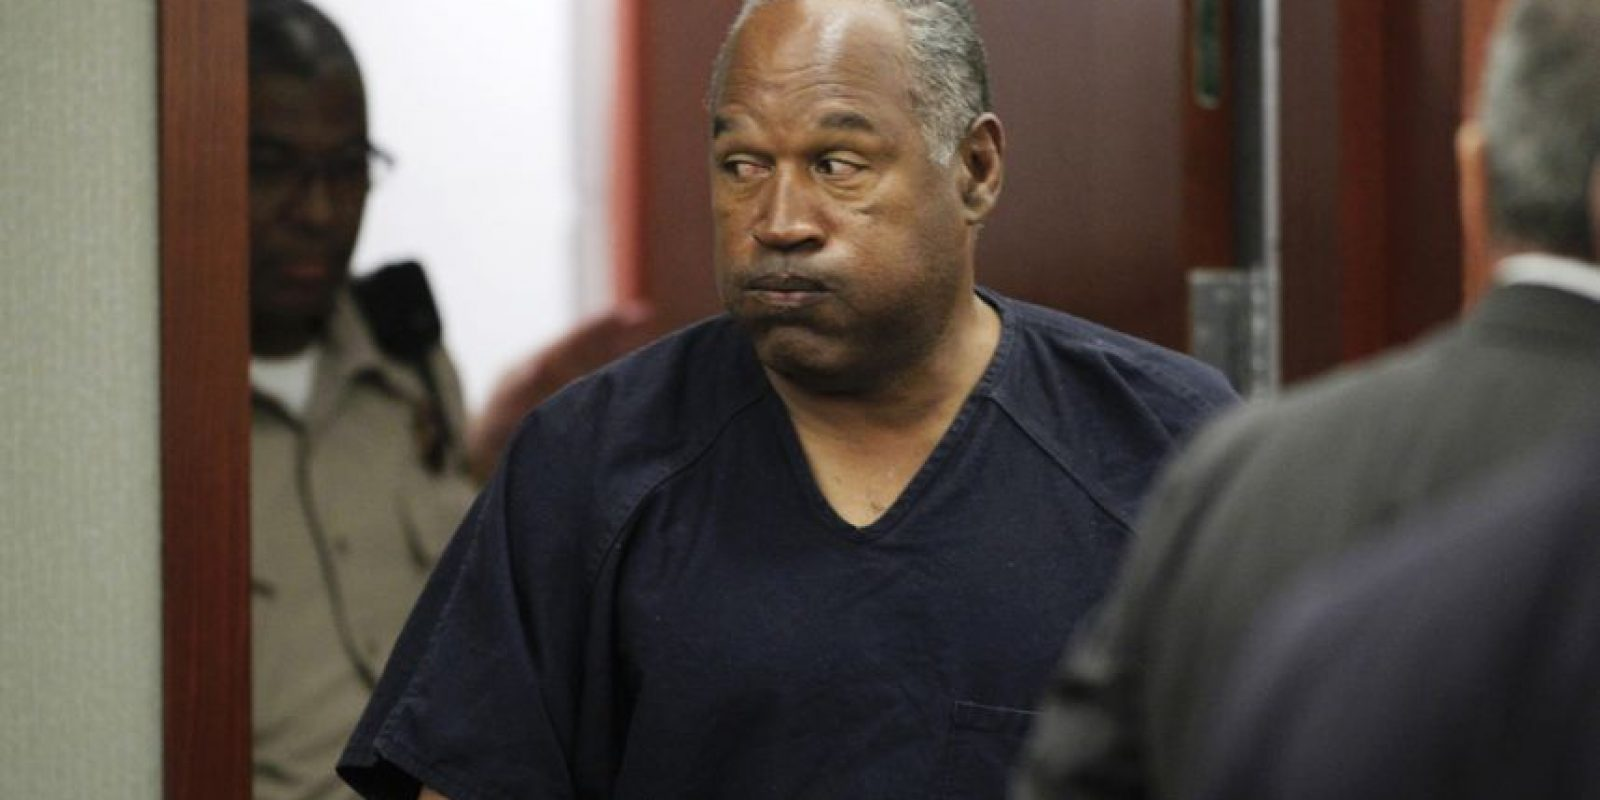 En 1994 su exesposa, Nicole Brown, fue encontrada muerta junto a su amigo, Ronald Goldman. El jugador fue acusado del asesinato de ambos, pero se salvó de ir a la cárcel tras uno de los juicios más mediáticos de la historia, aunque debió pagar 33.5 millones de dólares como indemnización. Foto:Getty Images